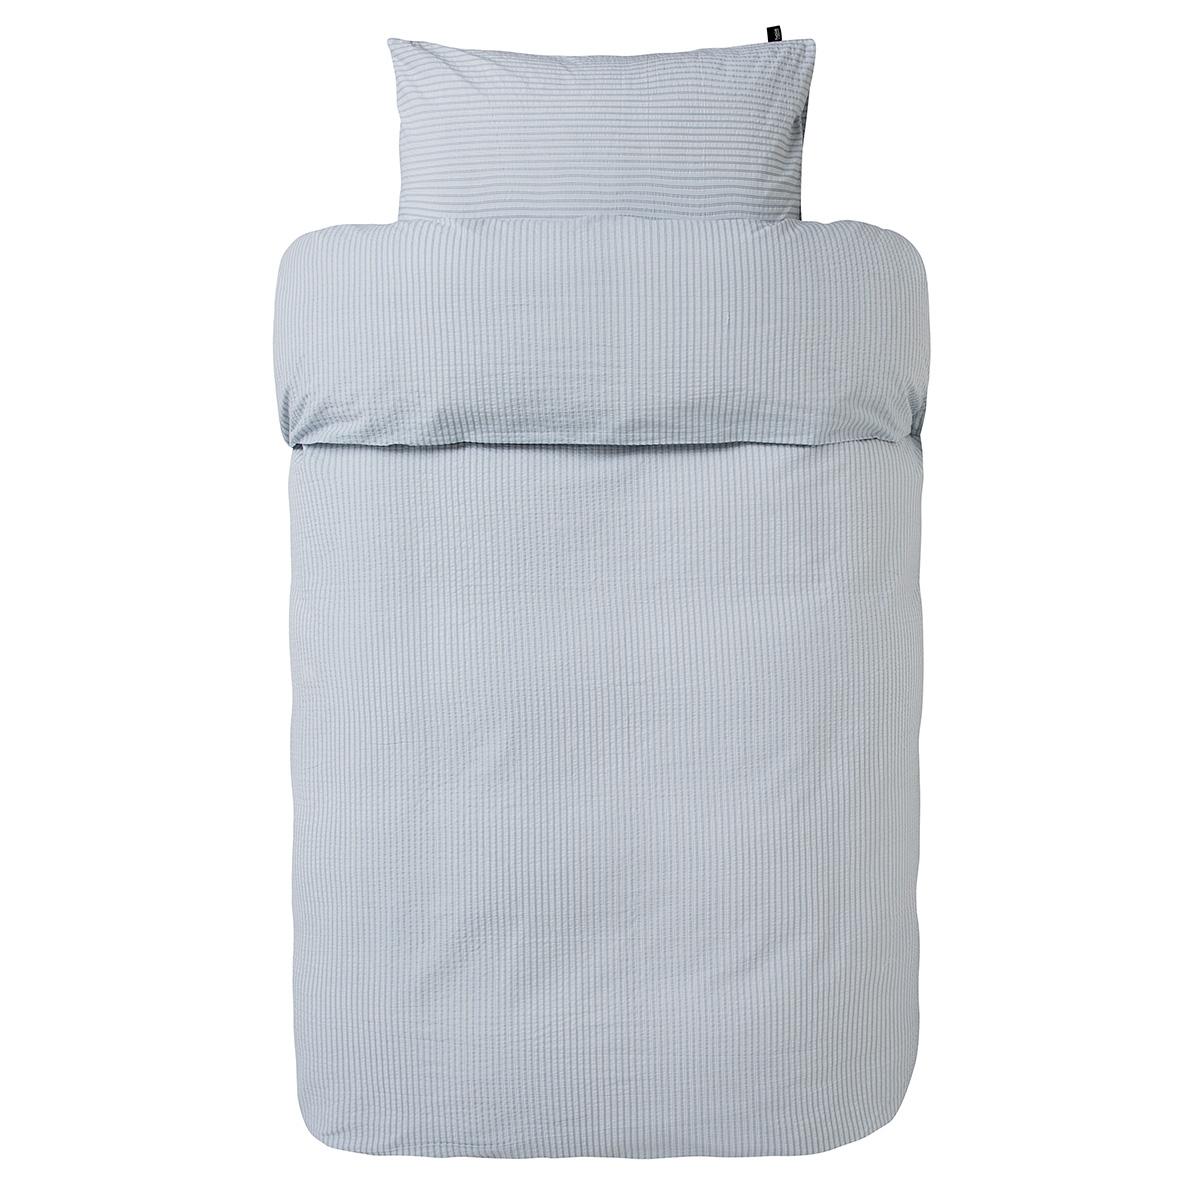 bæk og bølge sengetøj Sengetøj   Bæk & Bølge   200x220 cm   Høie Slumre blå bæk og bølge sengetøj